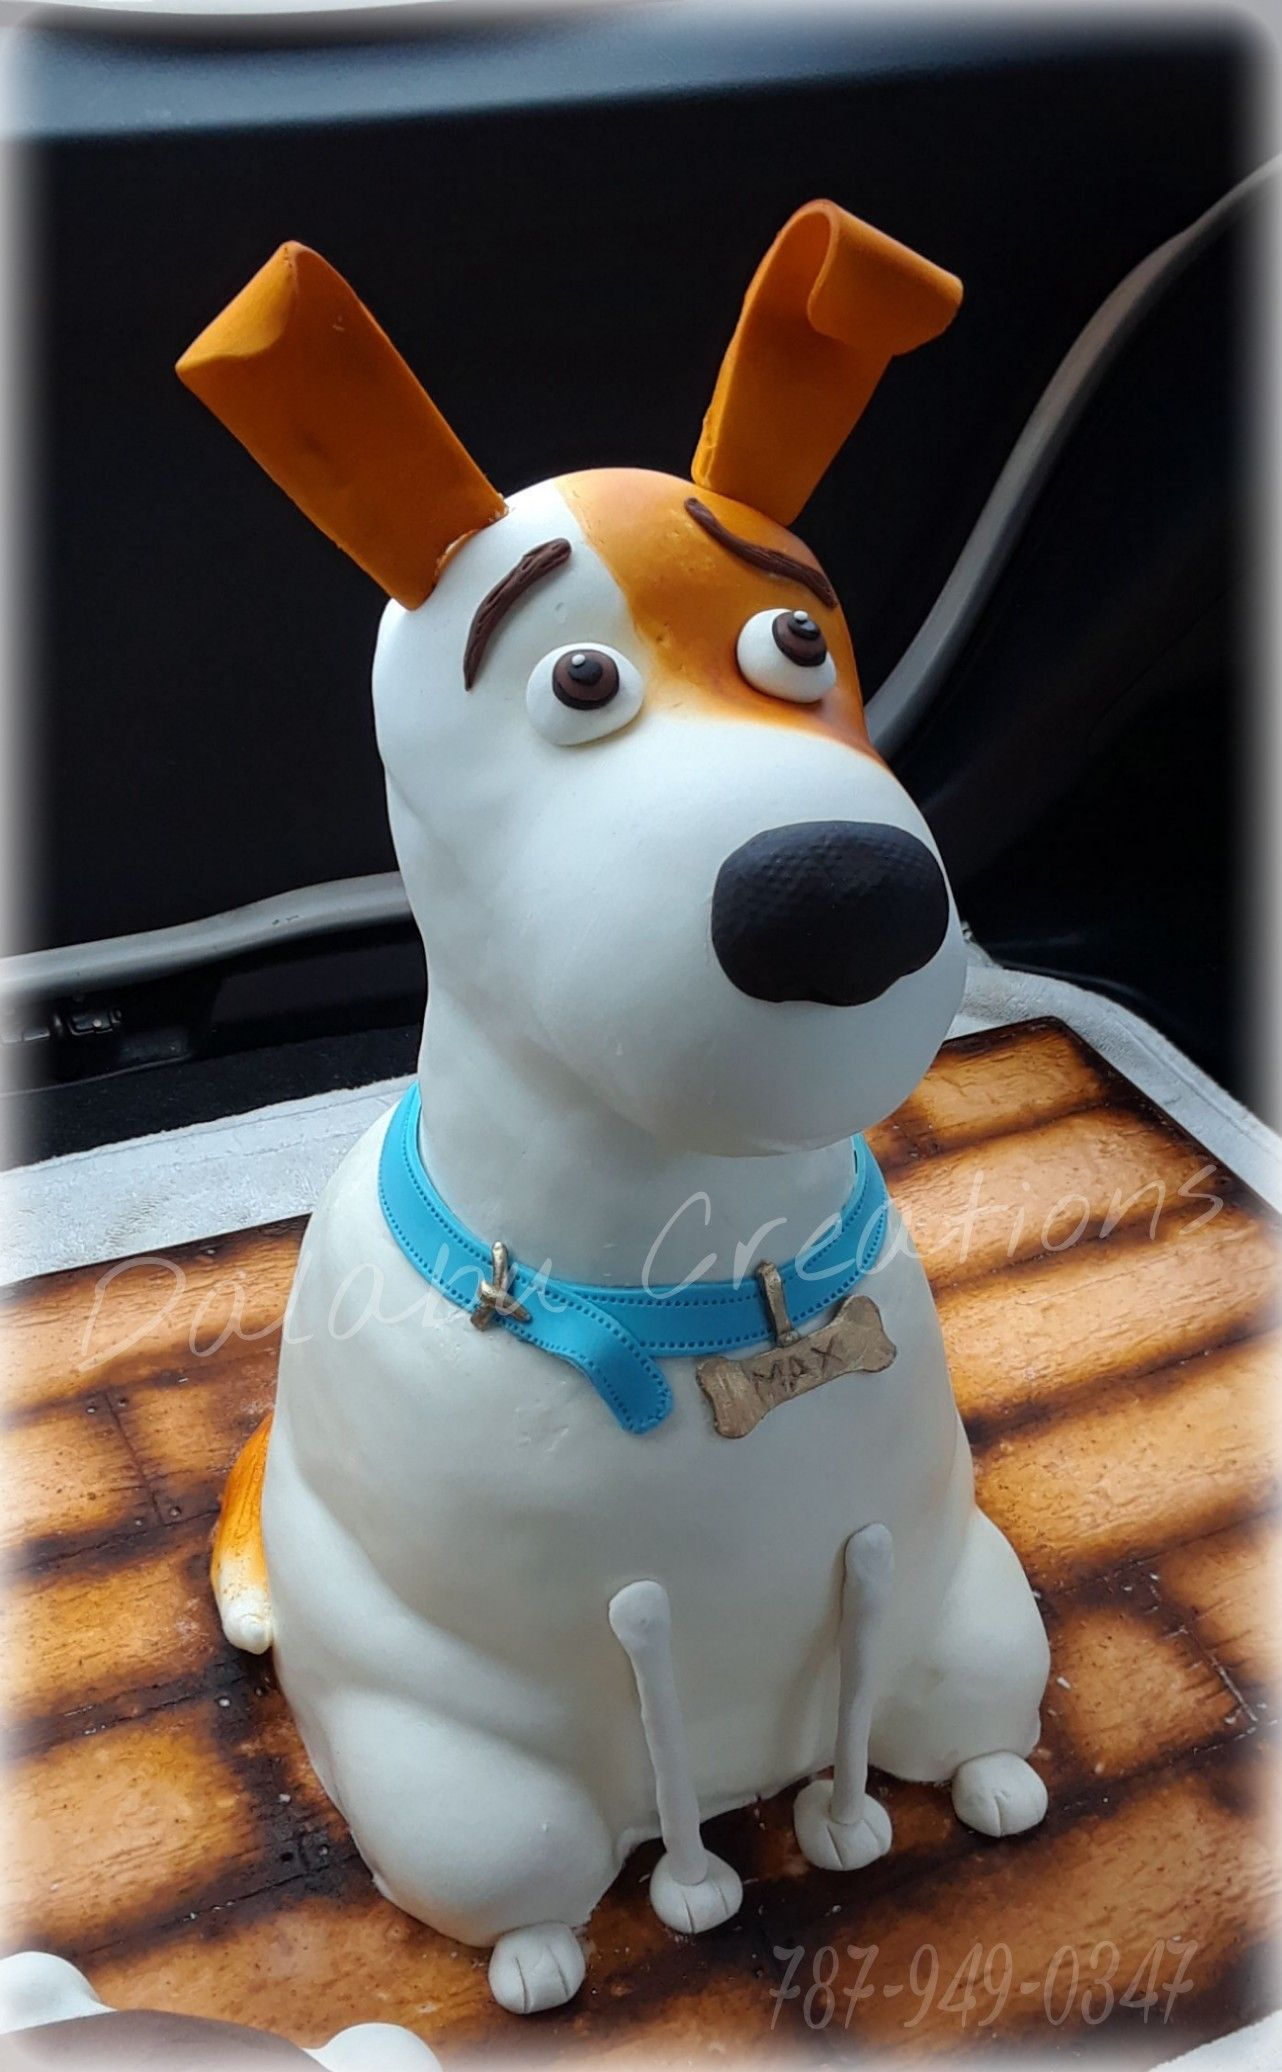 Max Secret Life Of Pets Secret Life Of Pets Olaf The Snowman